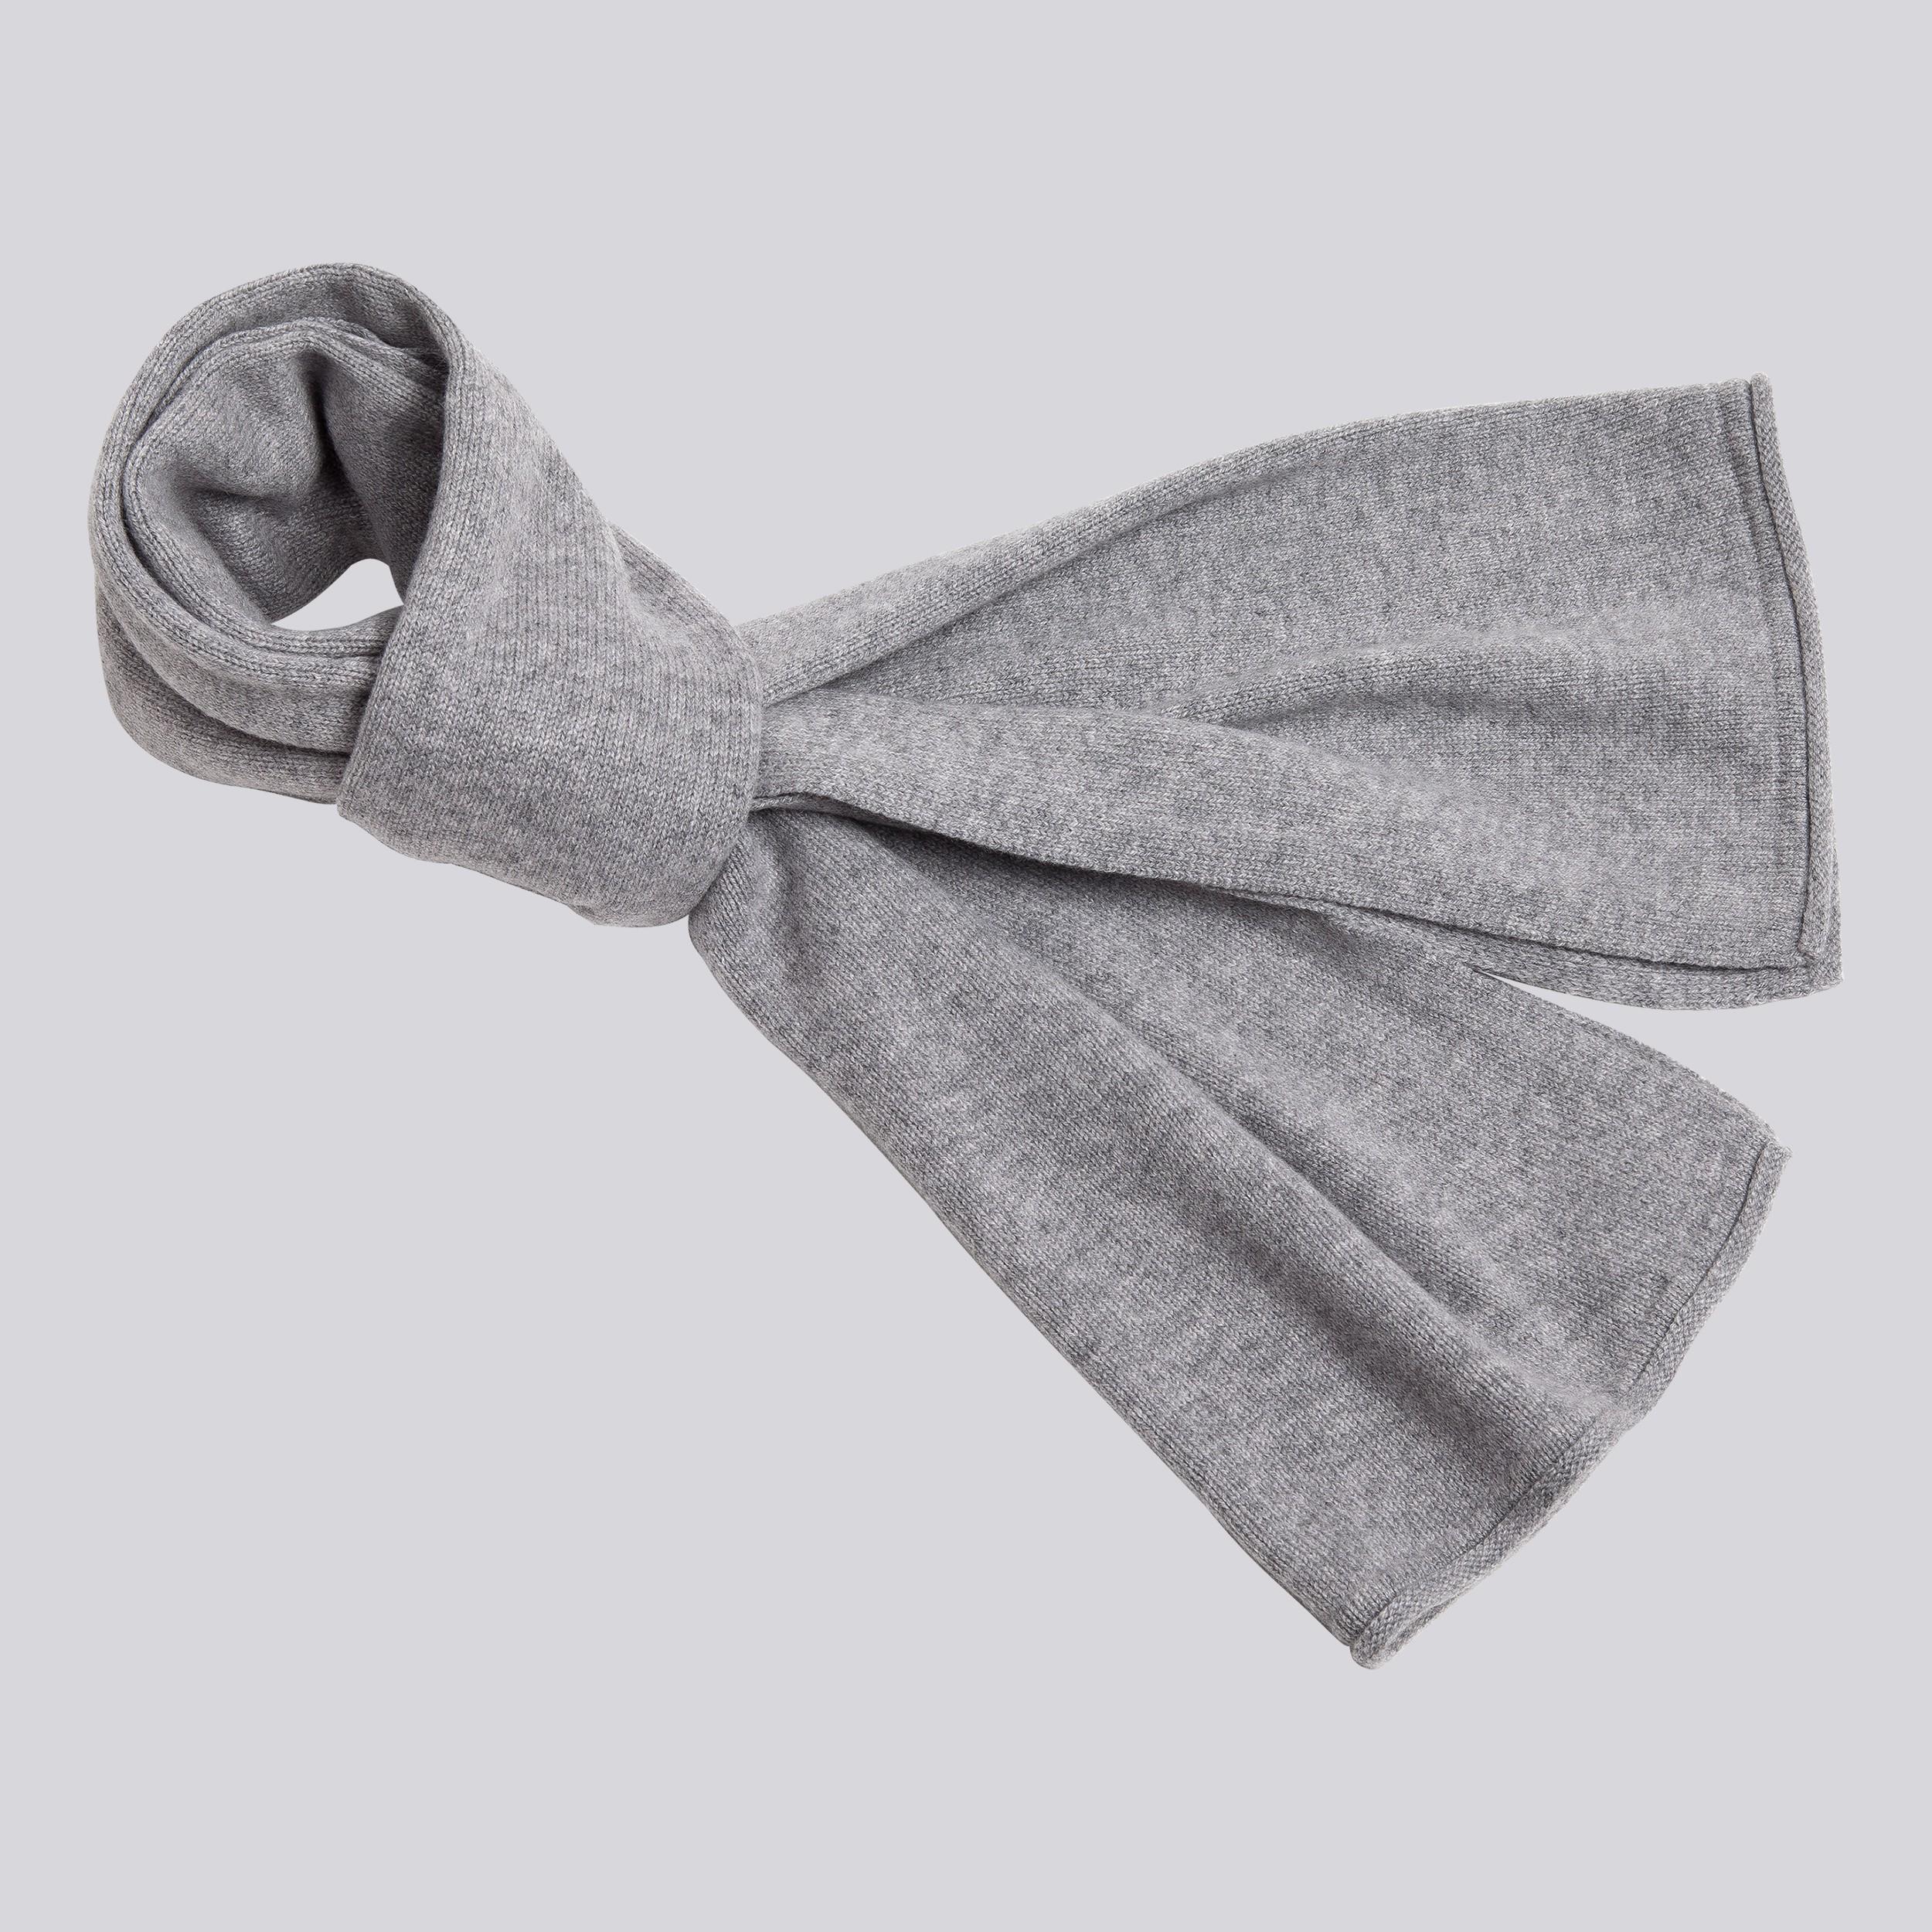 Echarpe ralph lauren cachemire - Idée pour s habiller 3d381793886